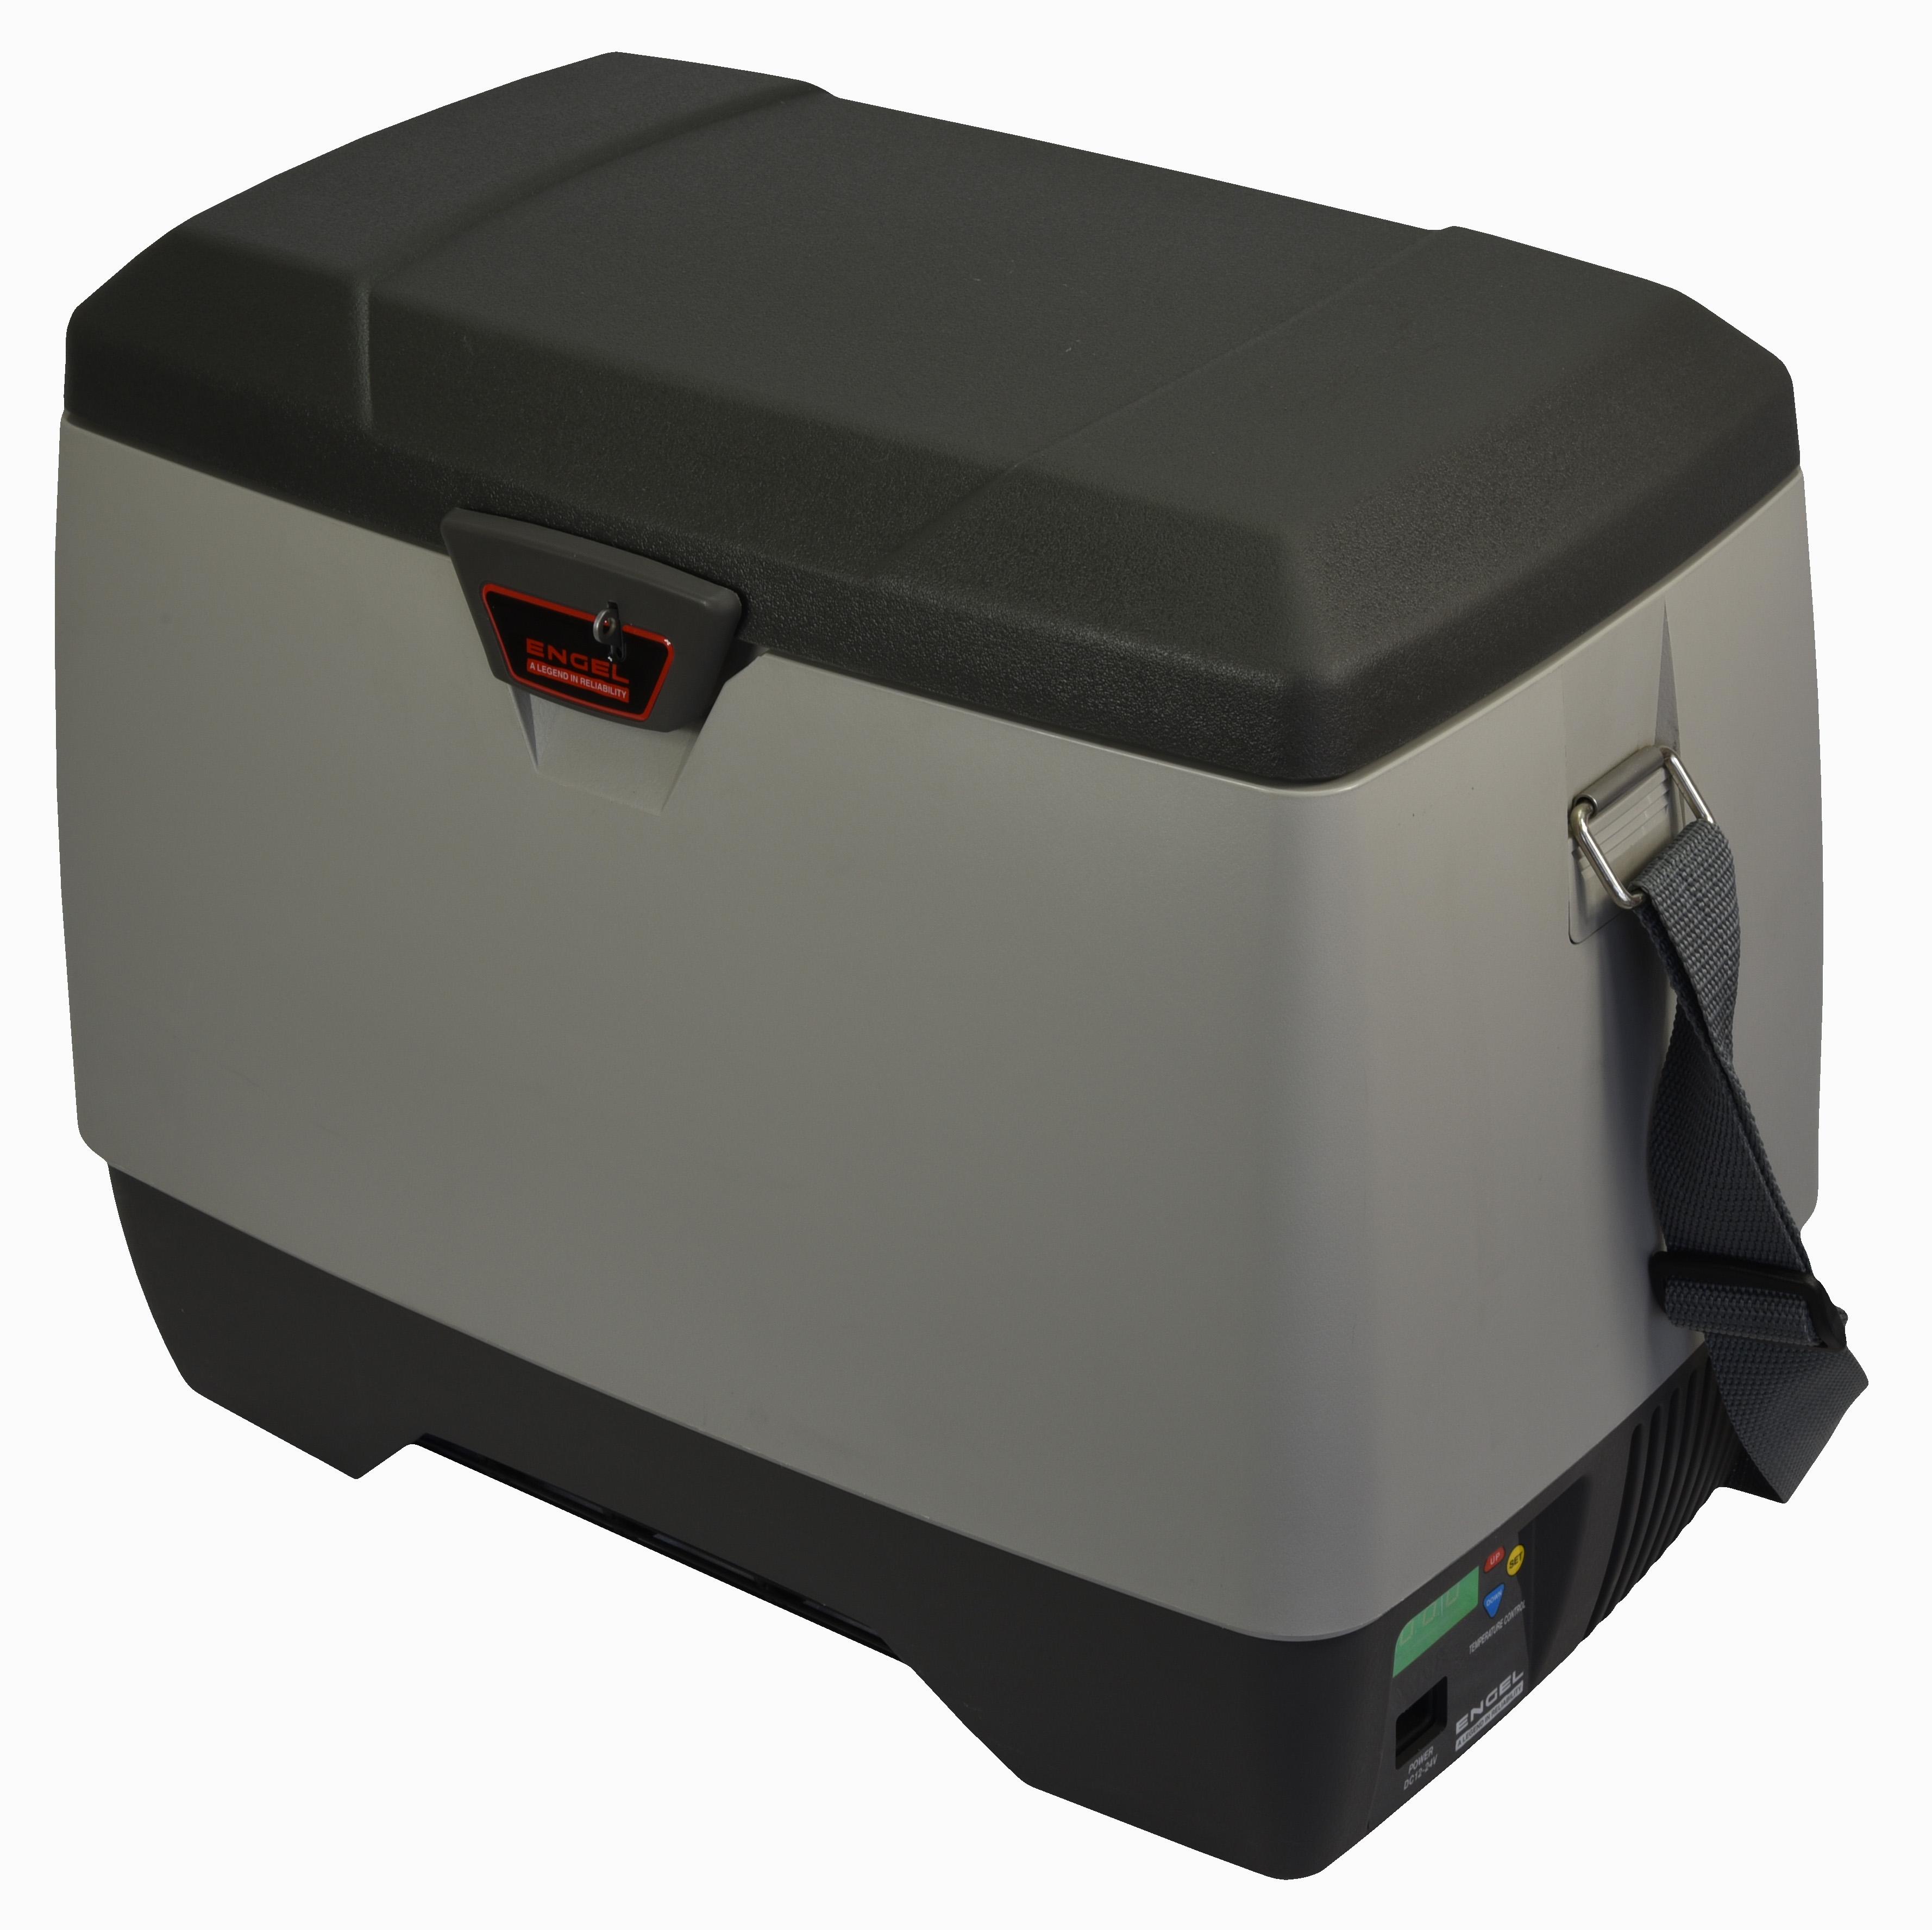 Engeland - Engel Portable Fridge Freezer sales, hire, parts